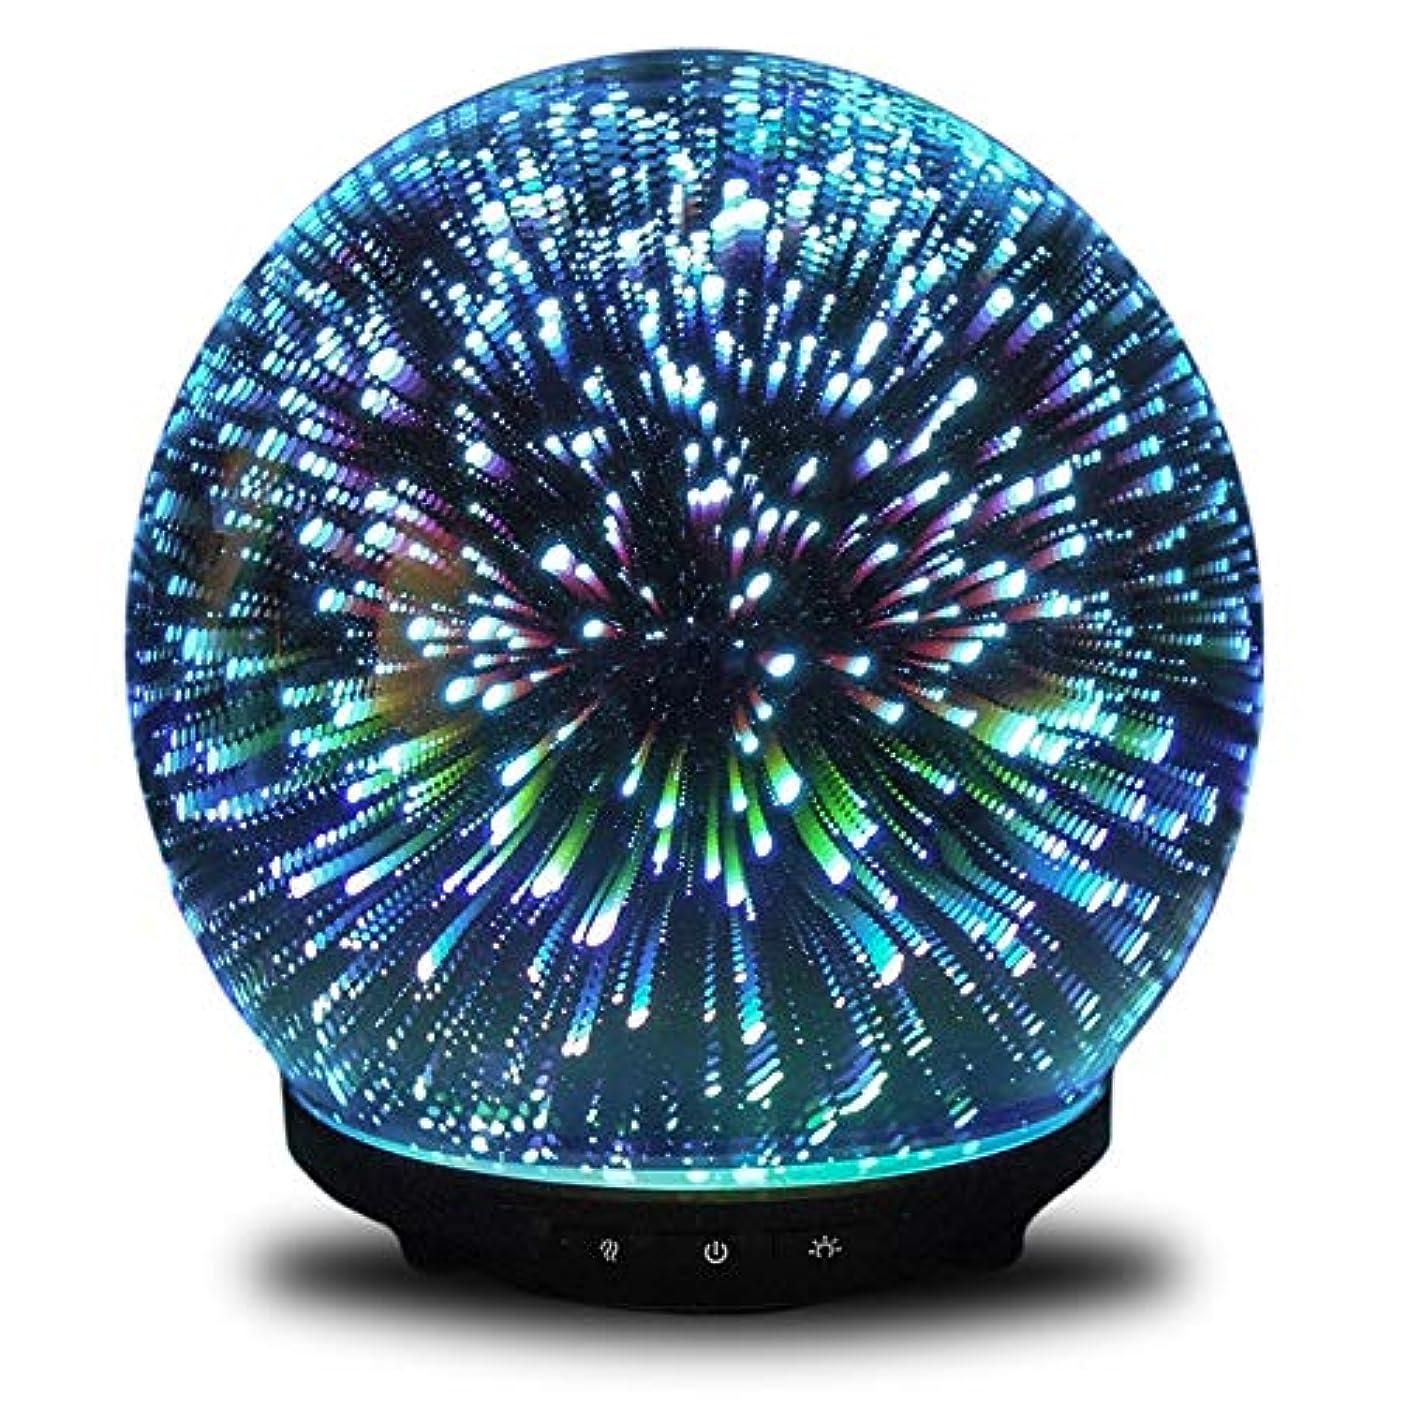 重力オンス盟主ORION by Simply Diffusers | Original 3D Aromatherapy Essential Oil Cool Mist Diffuser | 3 Button Technology for...